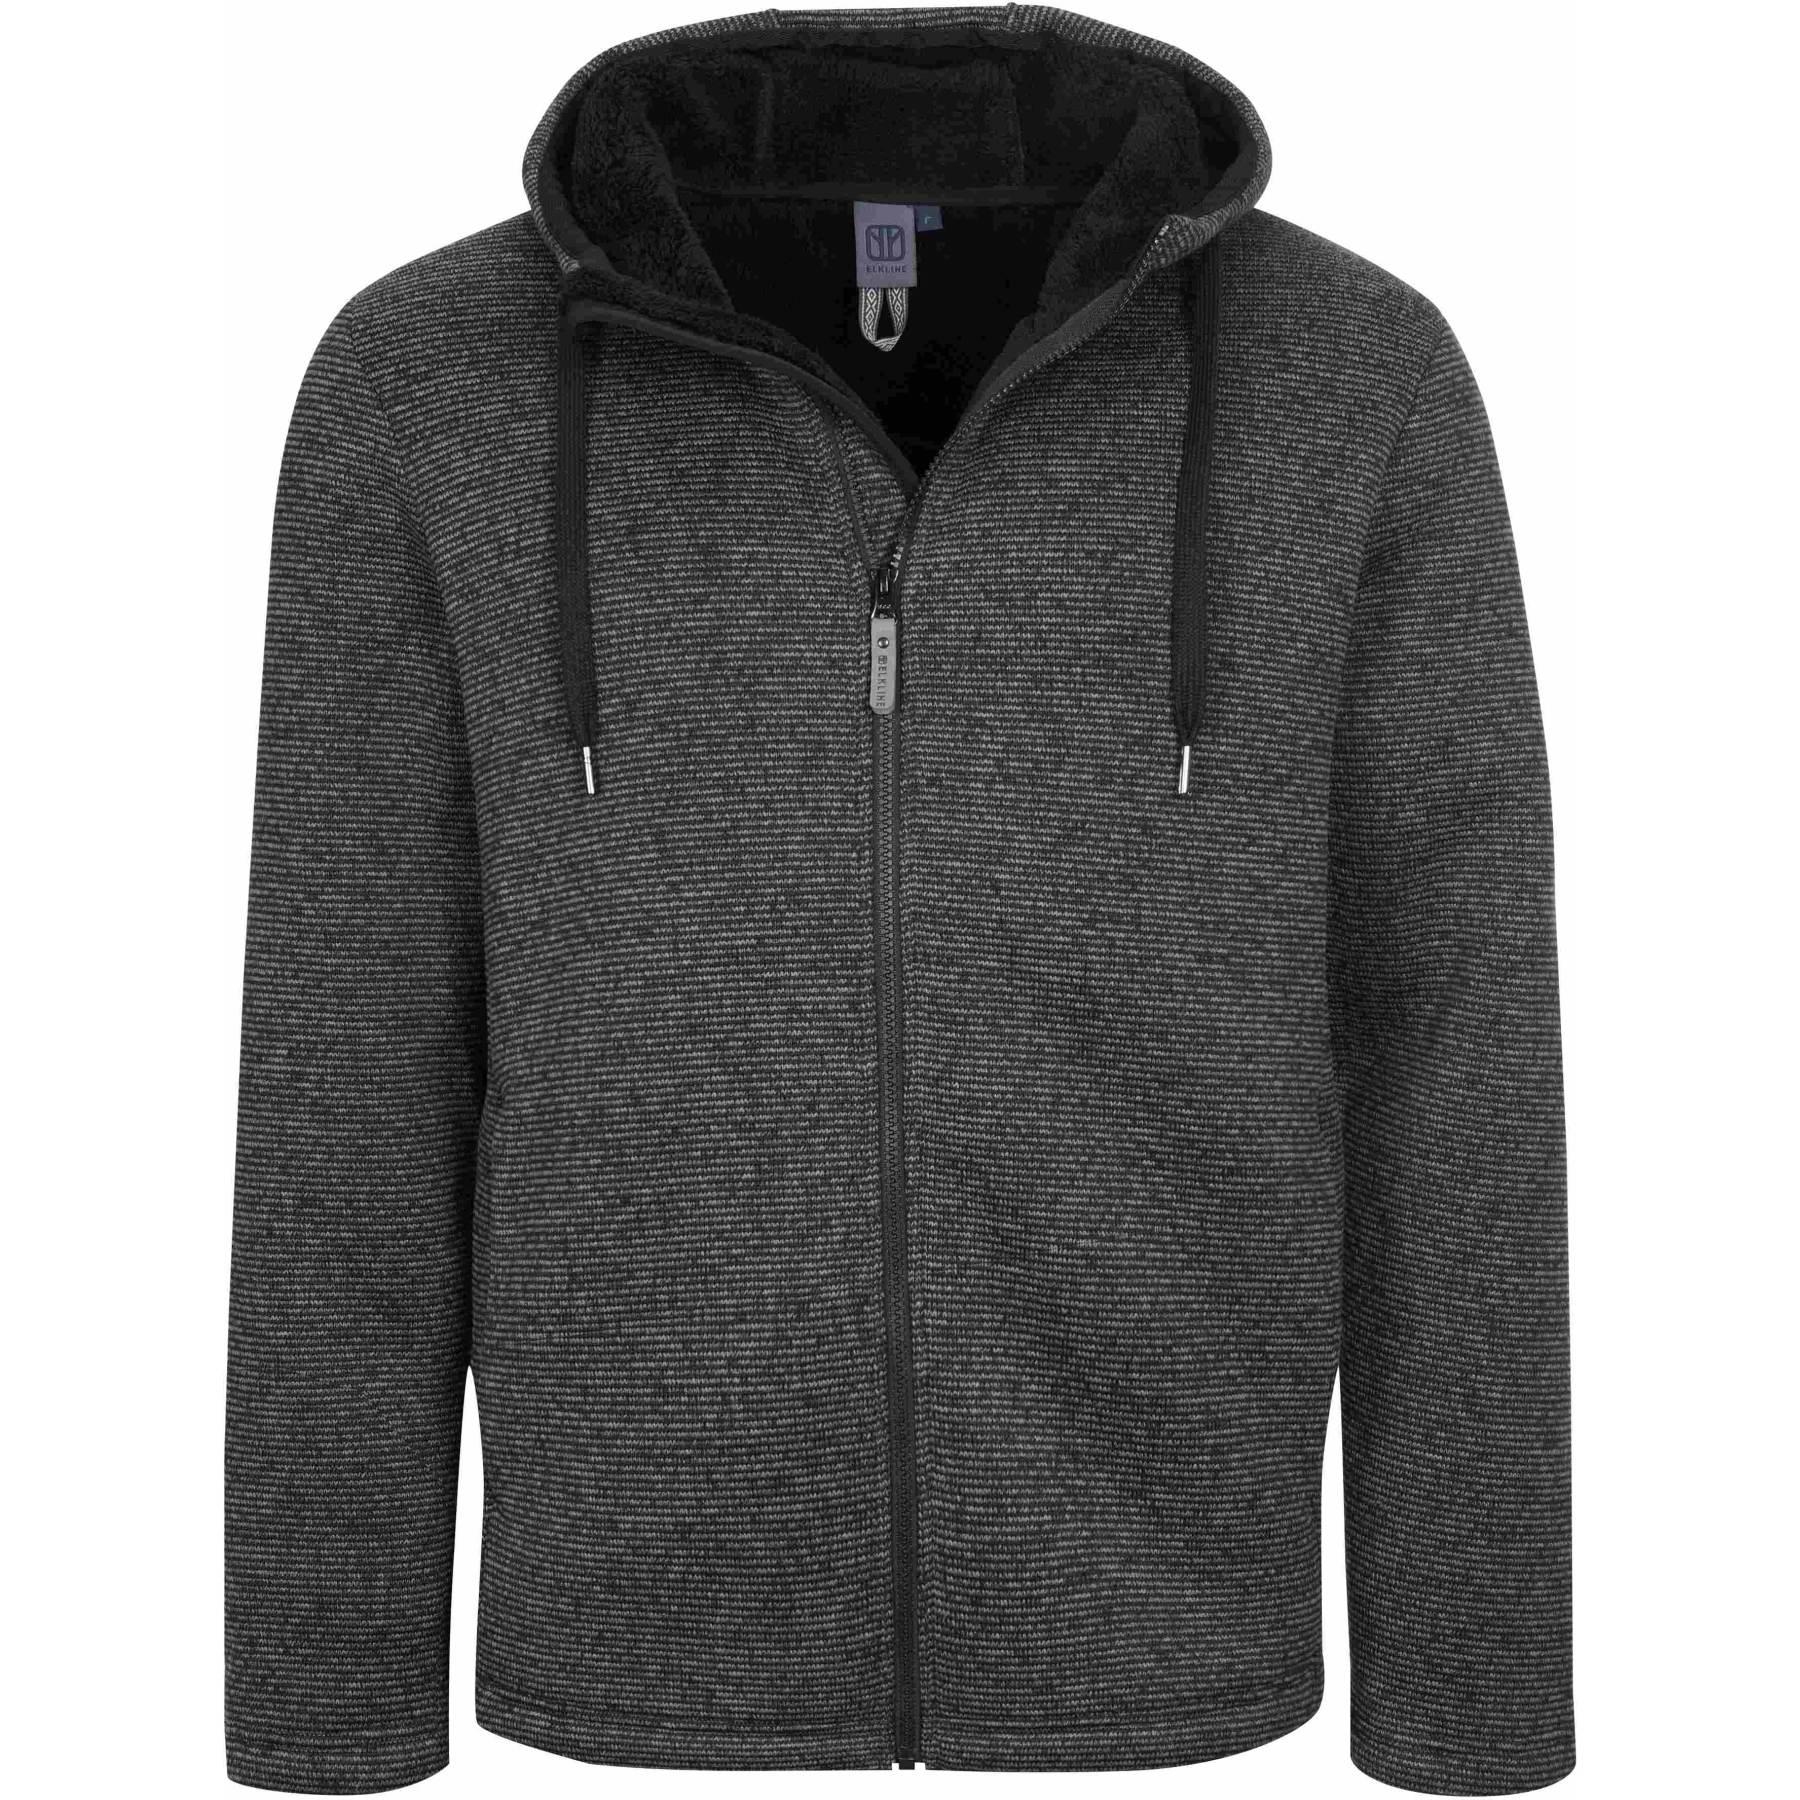 Elkline NO IDEA Fleece Jacket - anthra - black